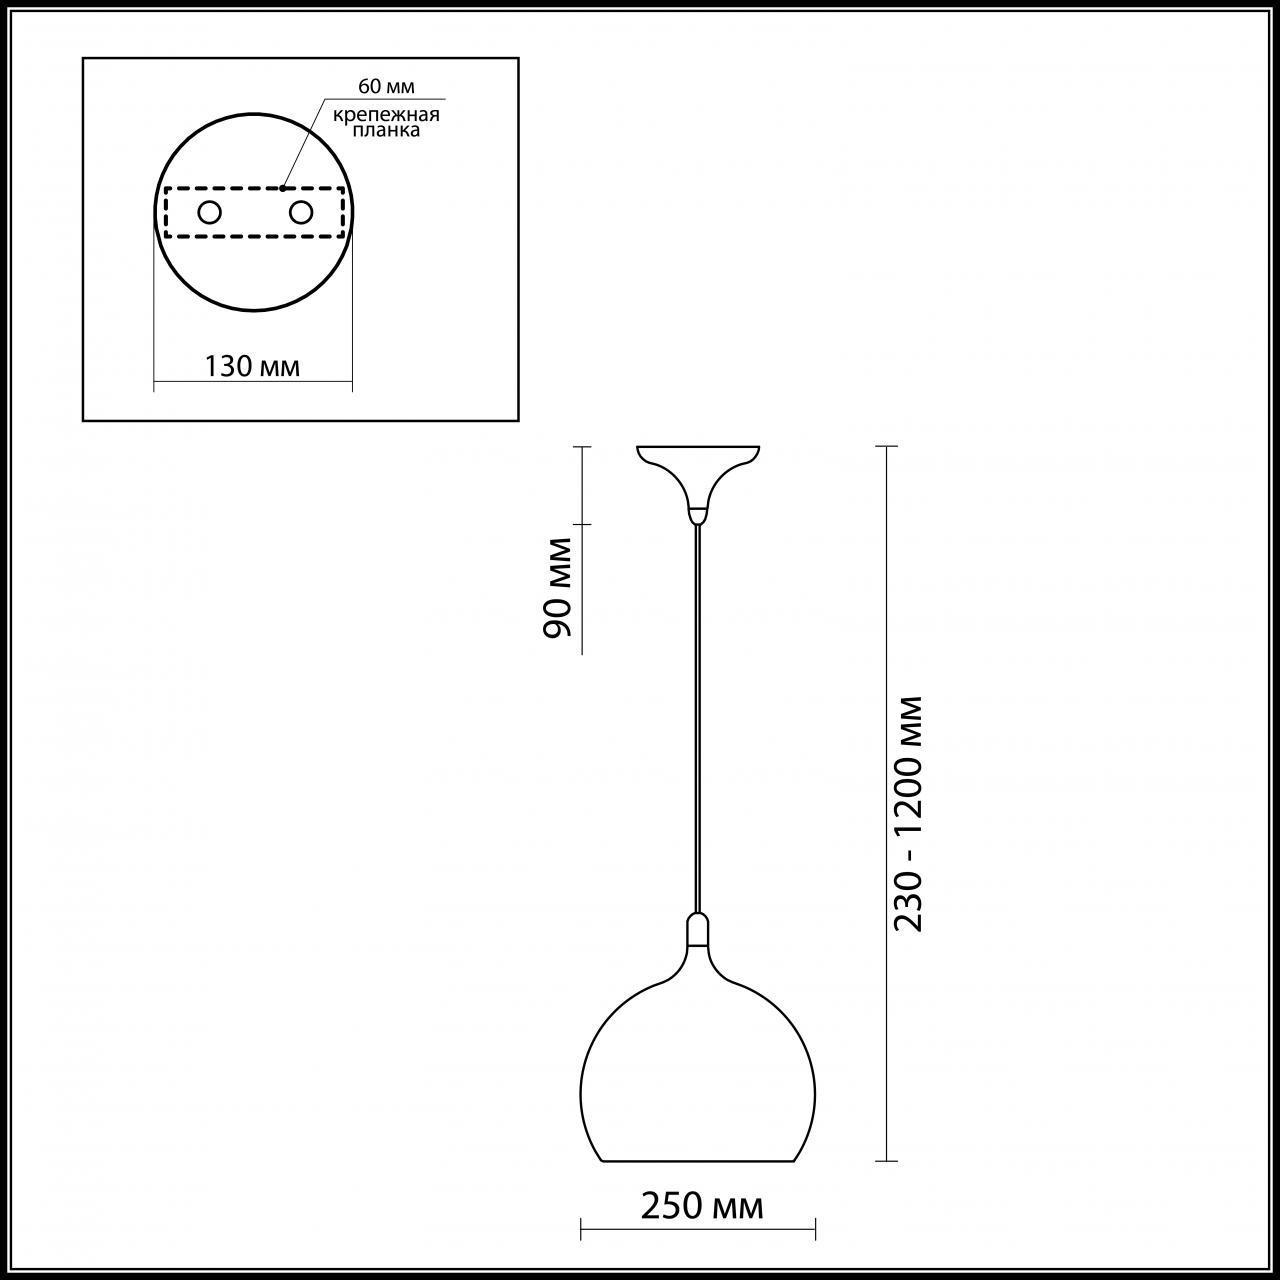 Подвесной светильник Odeon Light Bula 2904/1 подвесной светильник odeon 2904 1